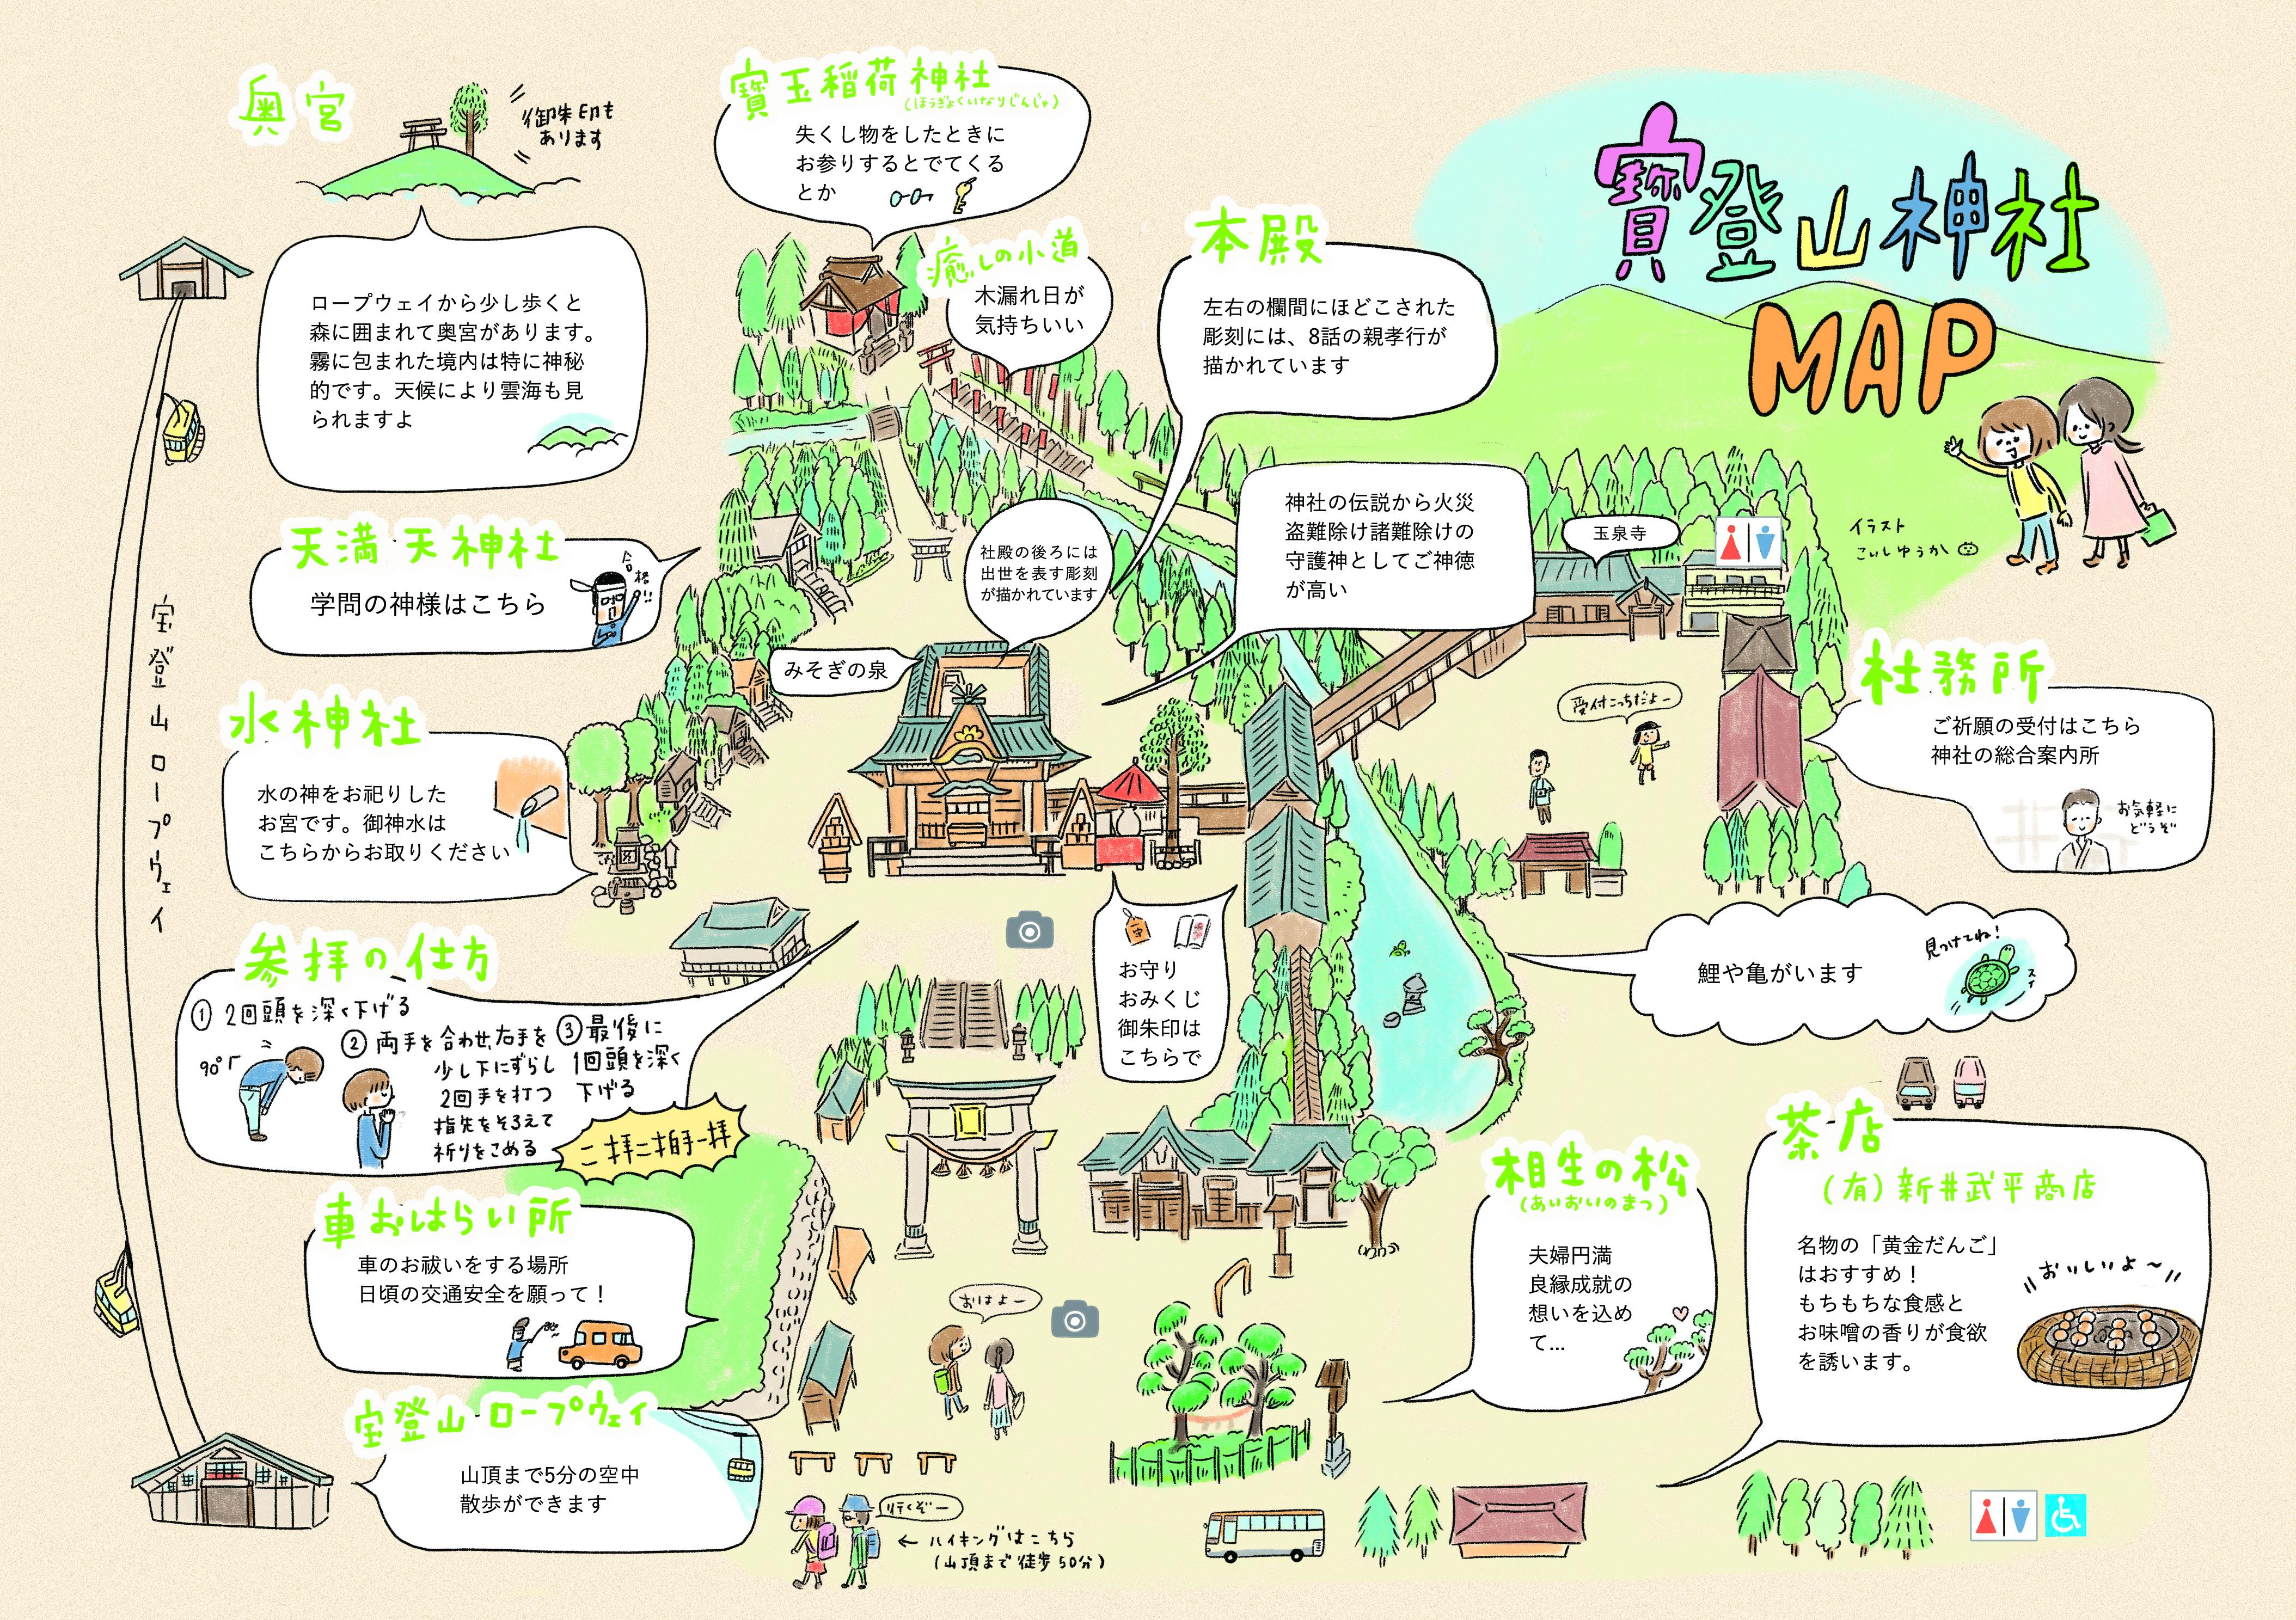 神社MAP07.jpg